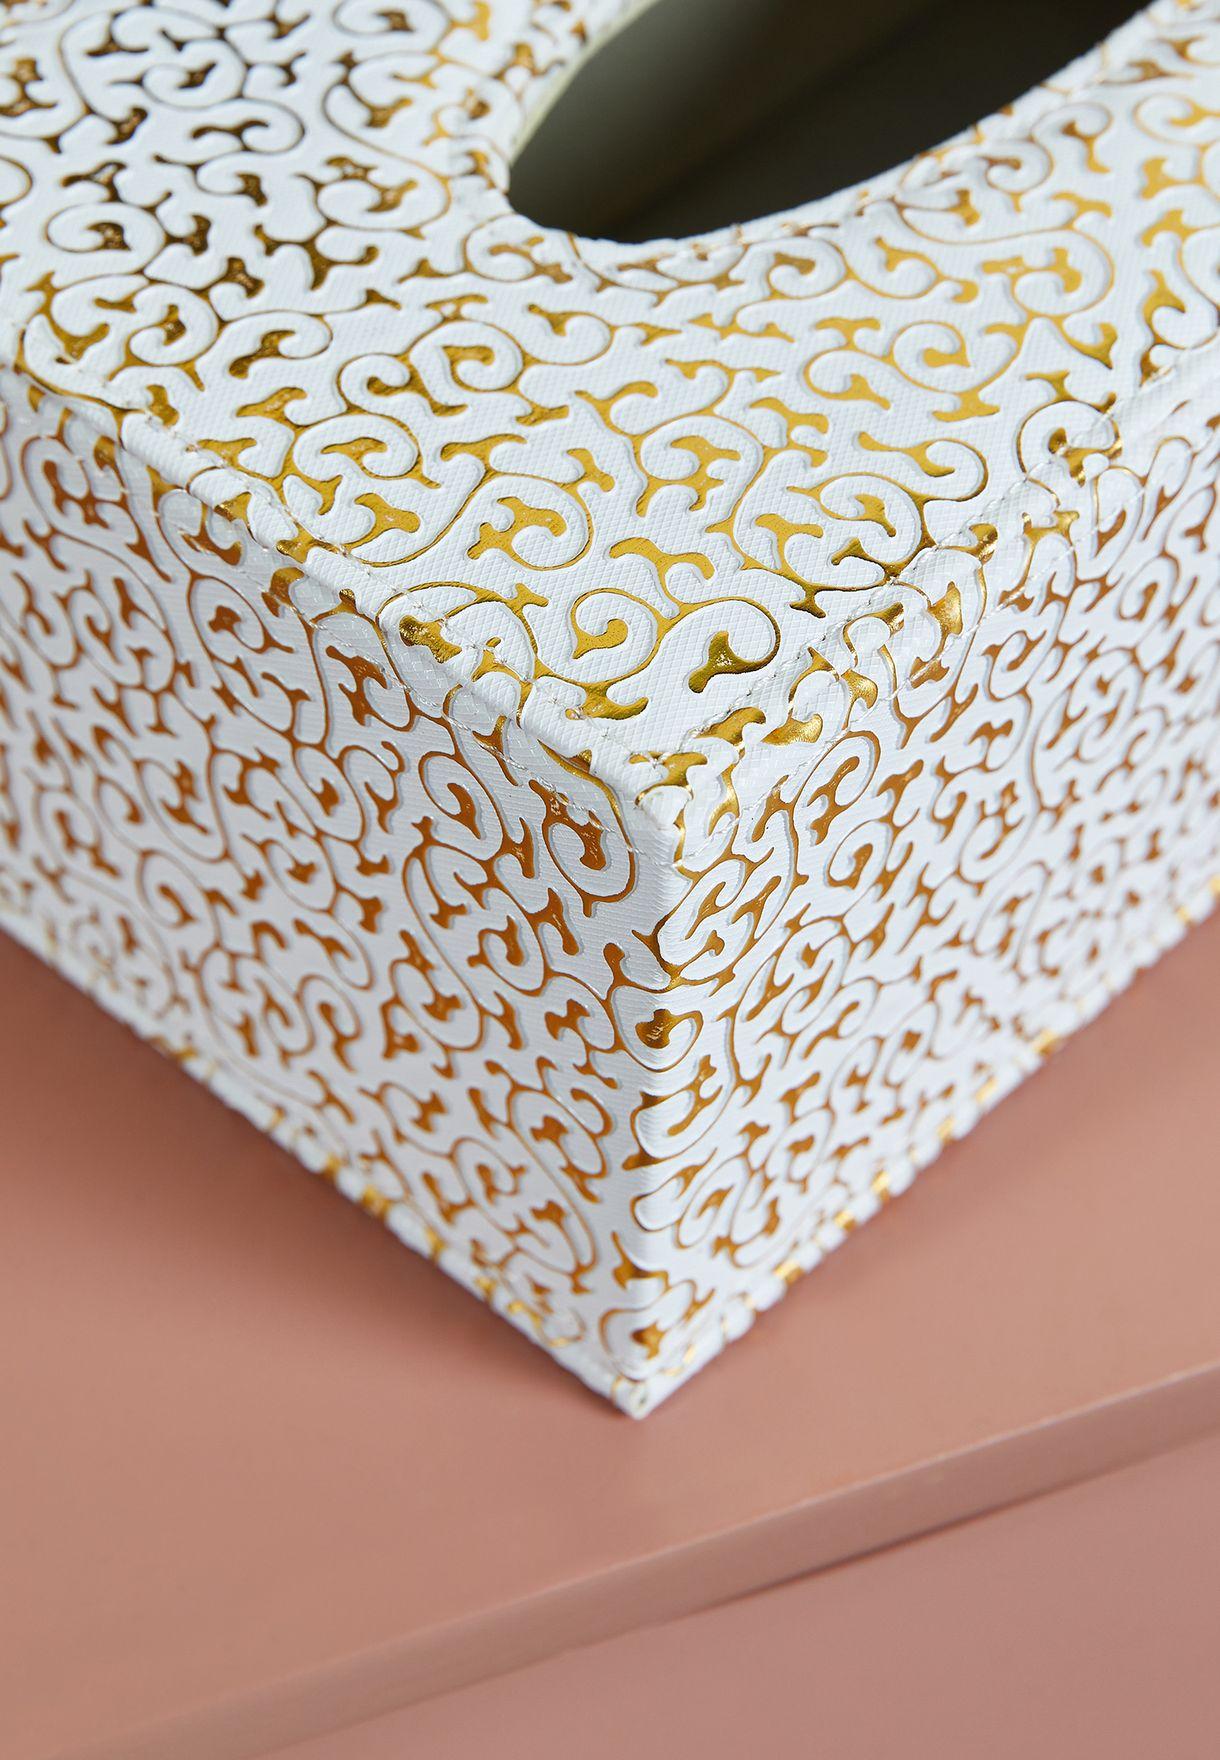 Decorative Tissue Box